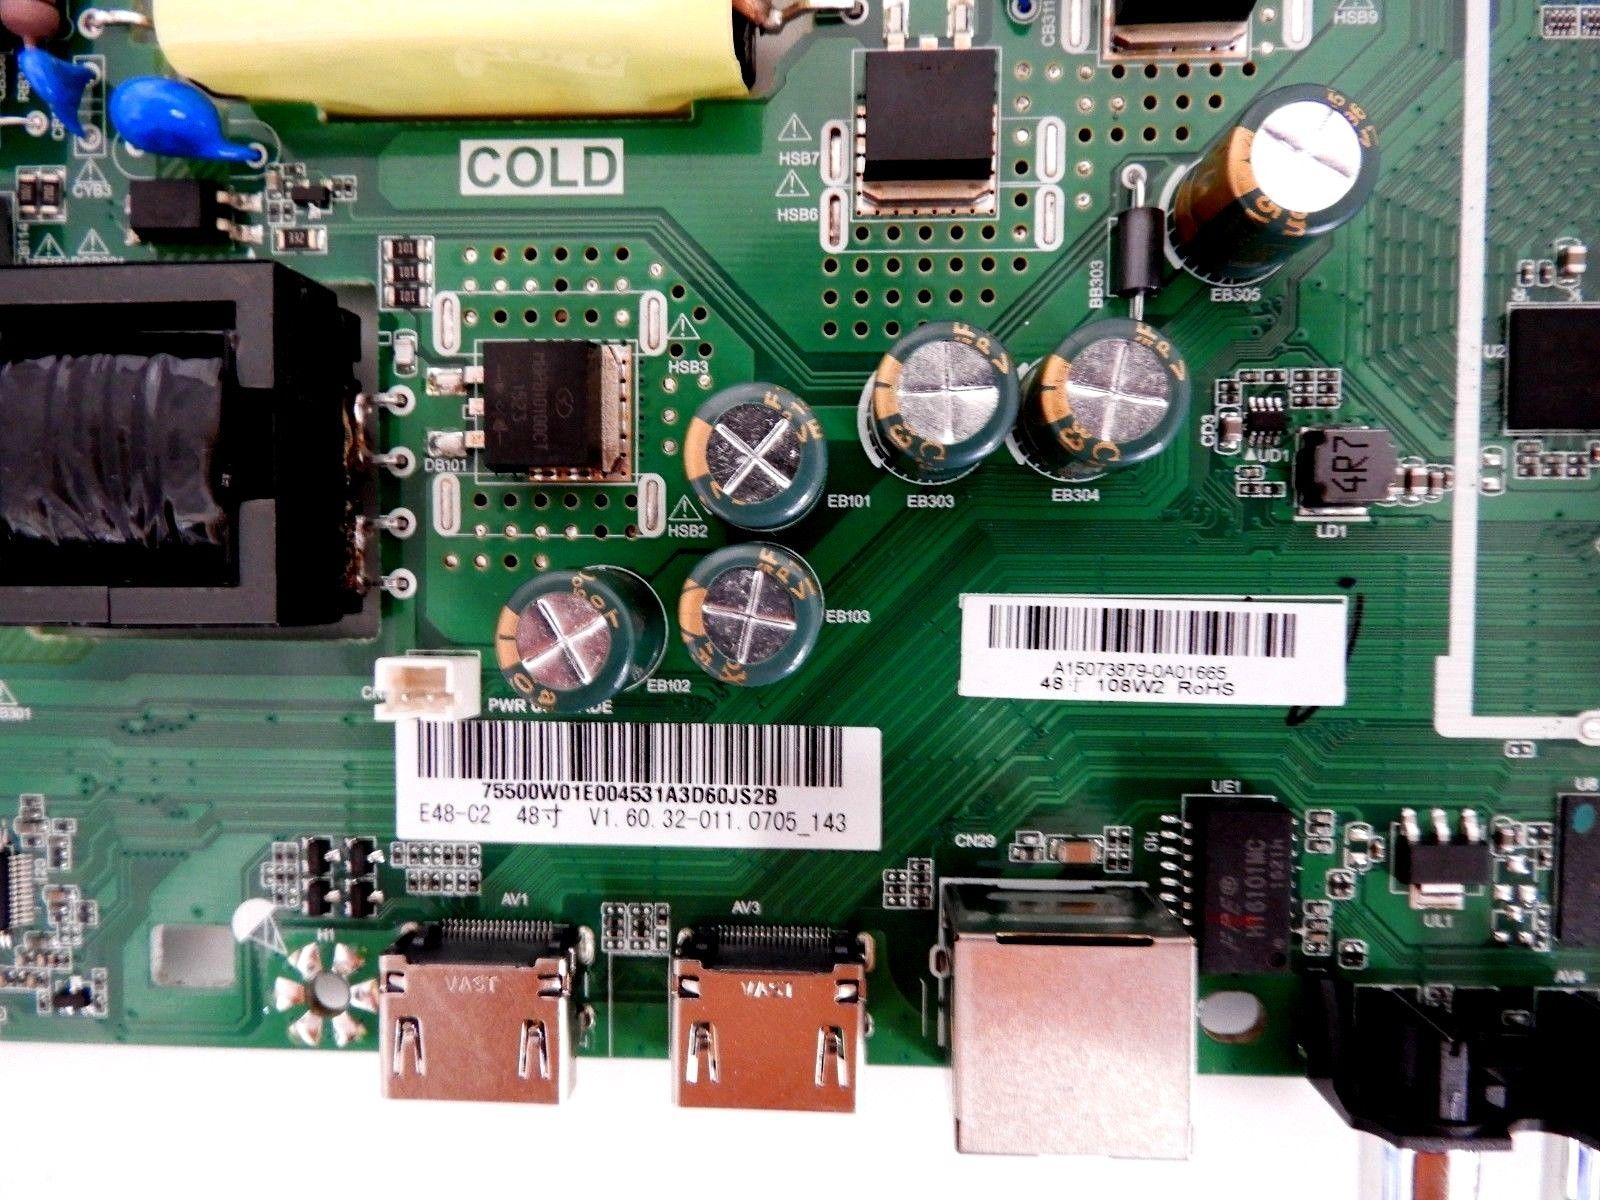 Vizio E48 C2 Power Supply Main Board 755 00w01 E004 Tv